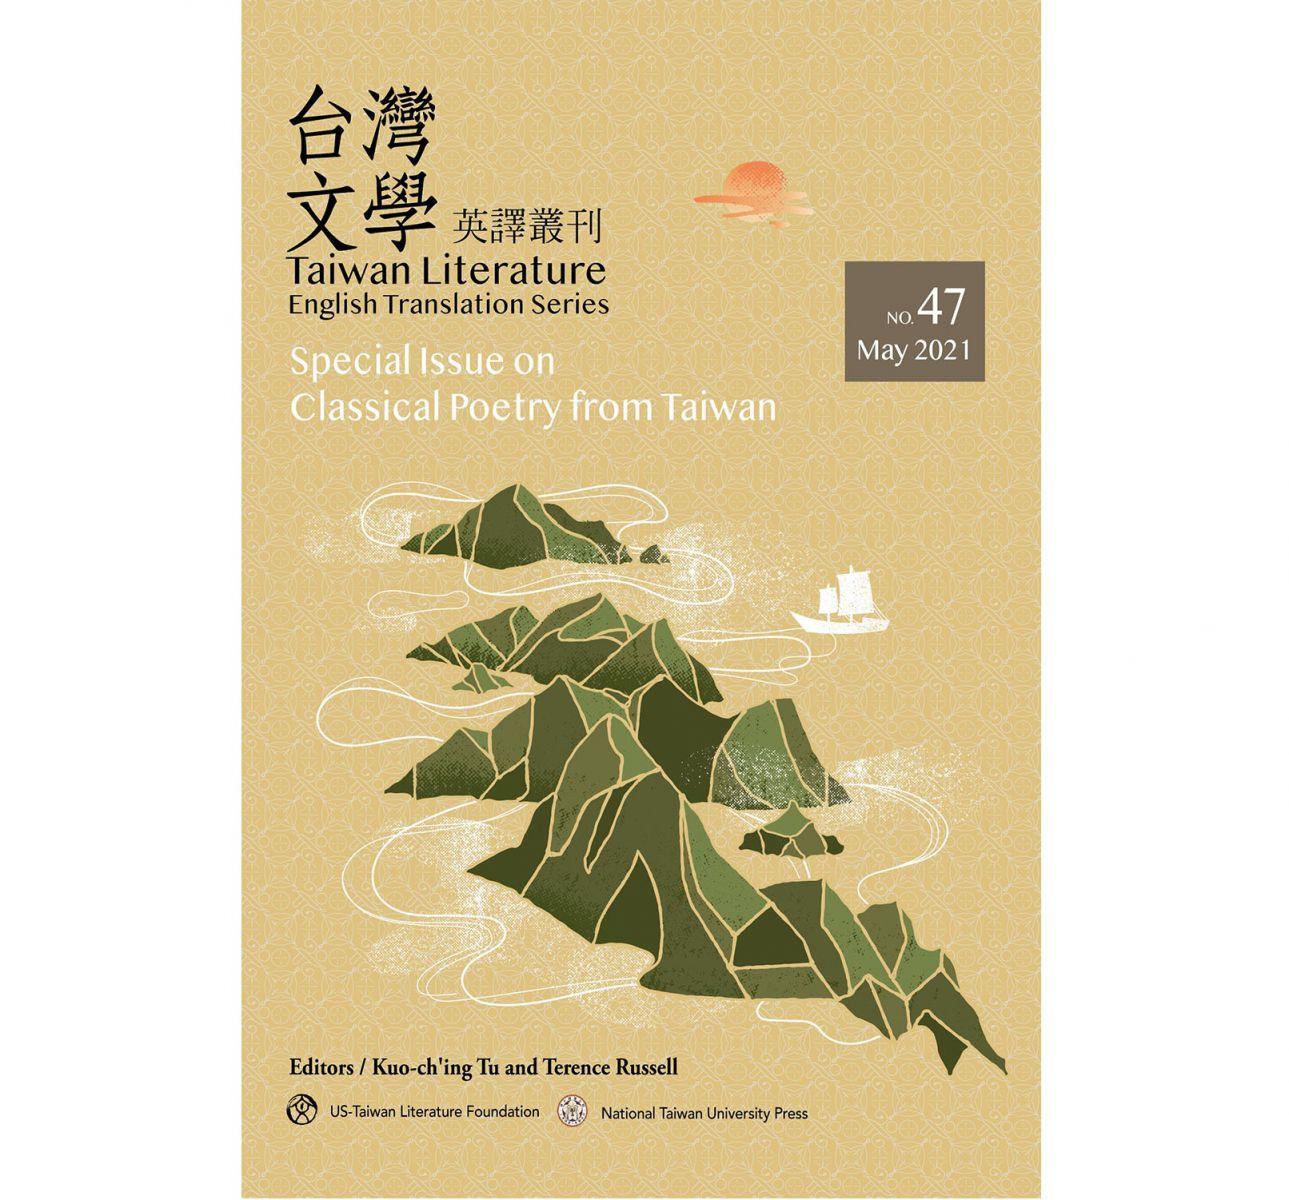 《台灣文學英譯叢刊(No. 47)》呈現台灣古典漢詩的特色,反映社會和生活的開闊性